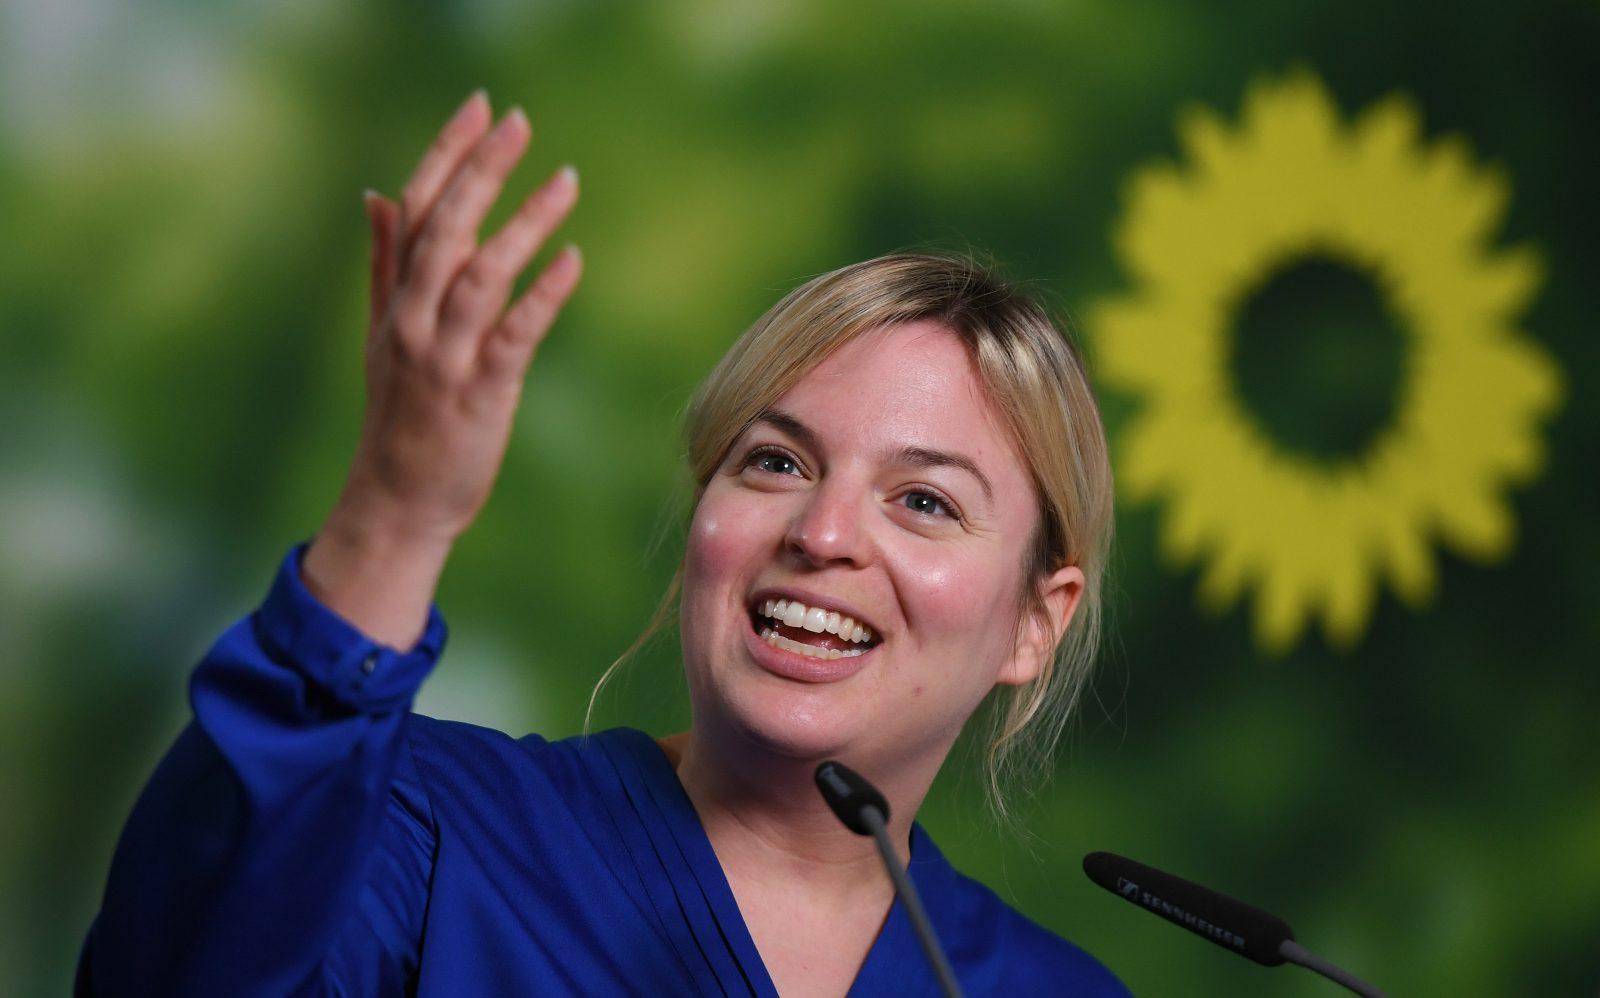 Stolze Quotenfrau: Die bayerische Grünen-Fraktionsvorsitzende Katharina Schulze Foto: picture alliance/Angelika Warmuth/dpa